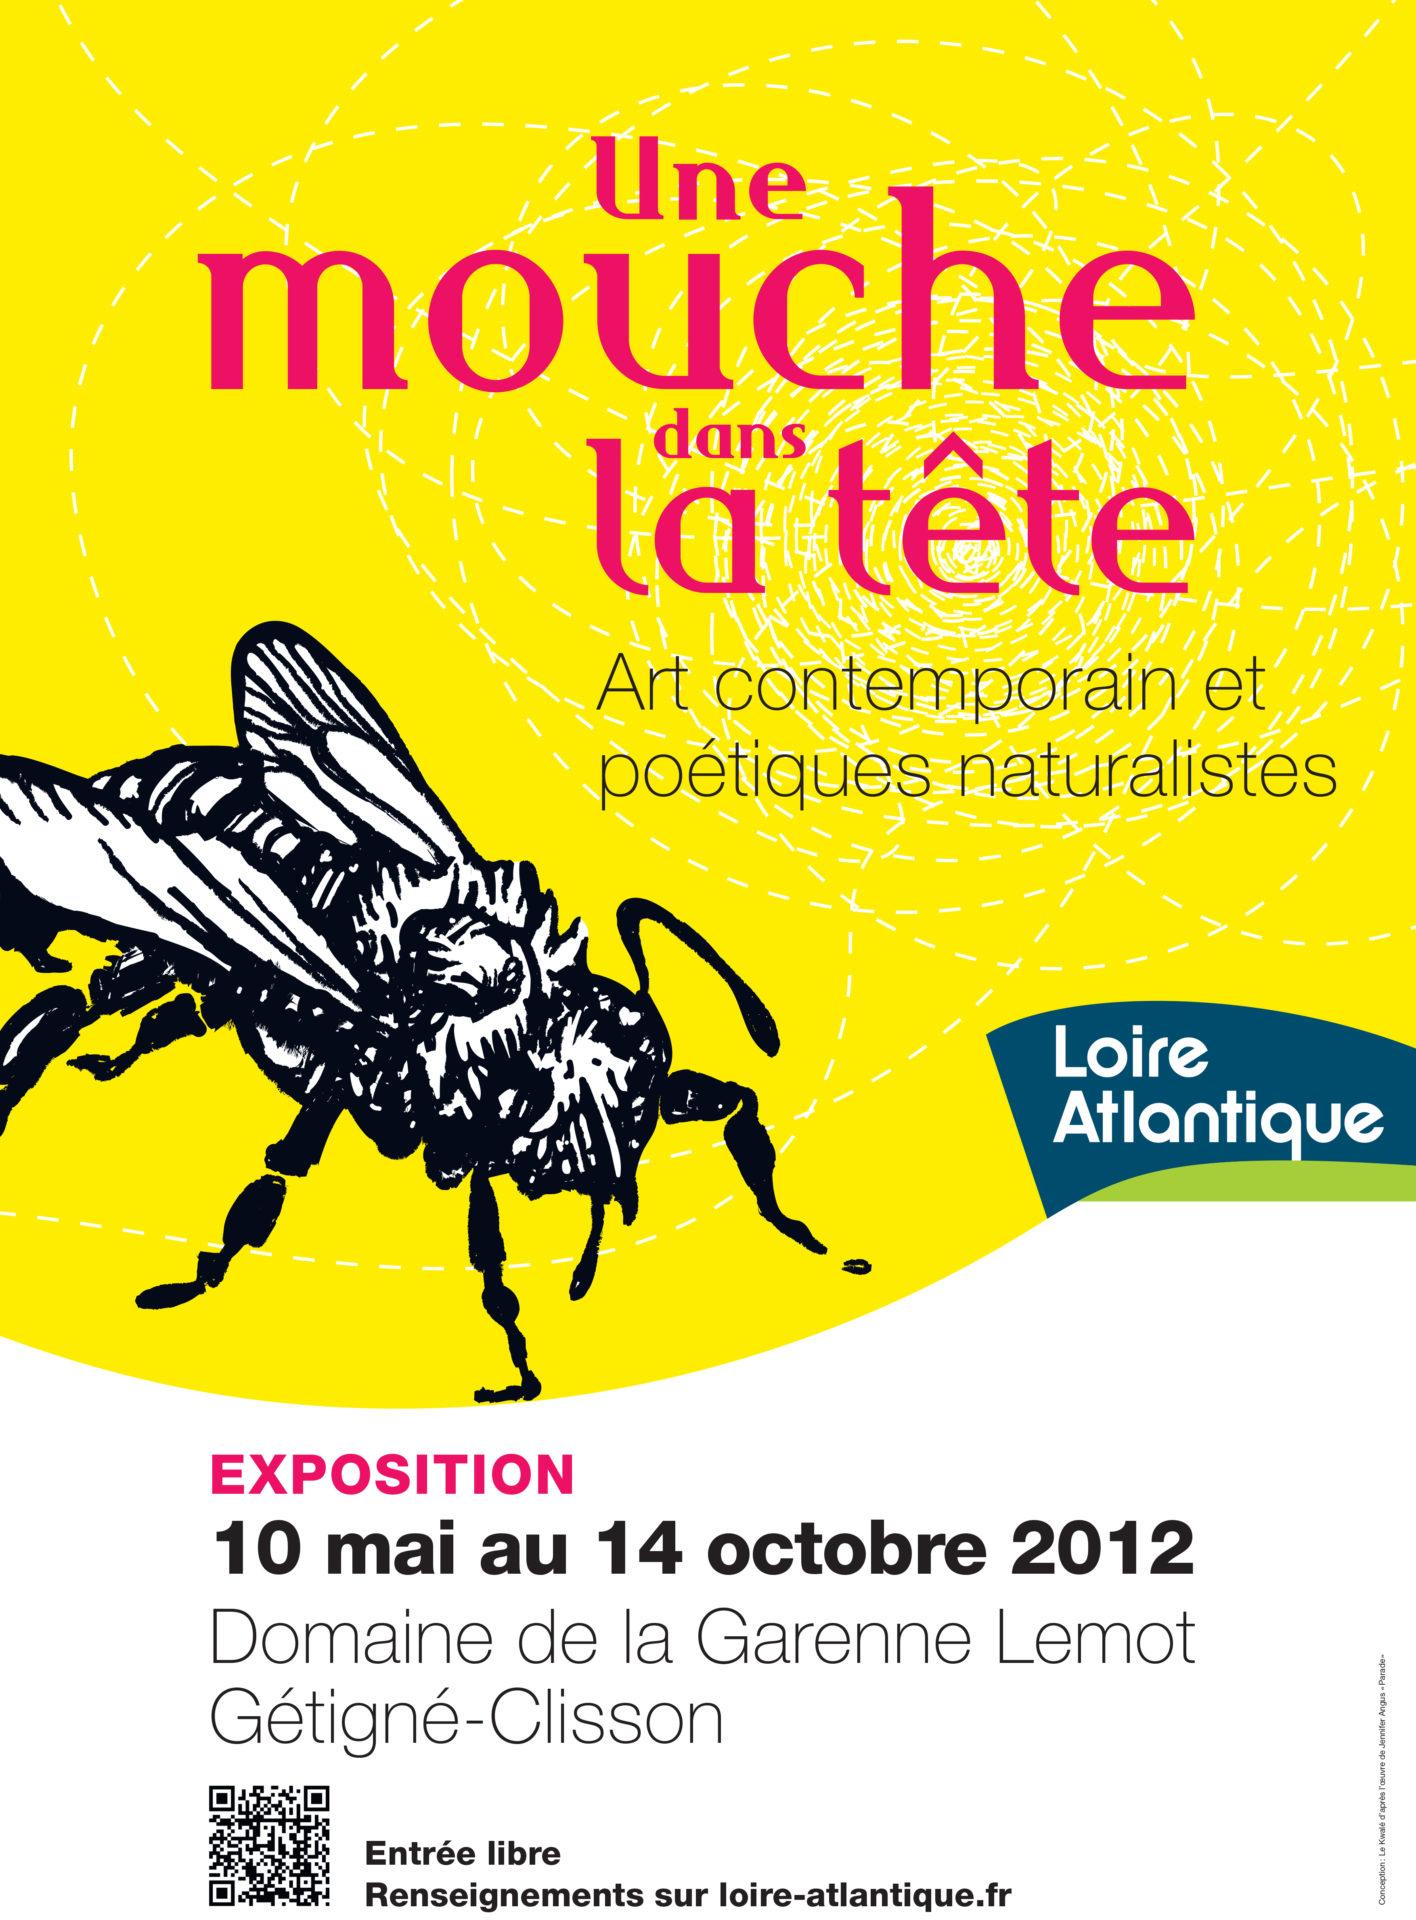 2012_Une mouche dans la tête. Art contemporain et poétiques naturalists (A fly in the head). Garenne Lemot et du château de Clisson. Gétigné-clisson, France.